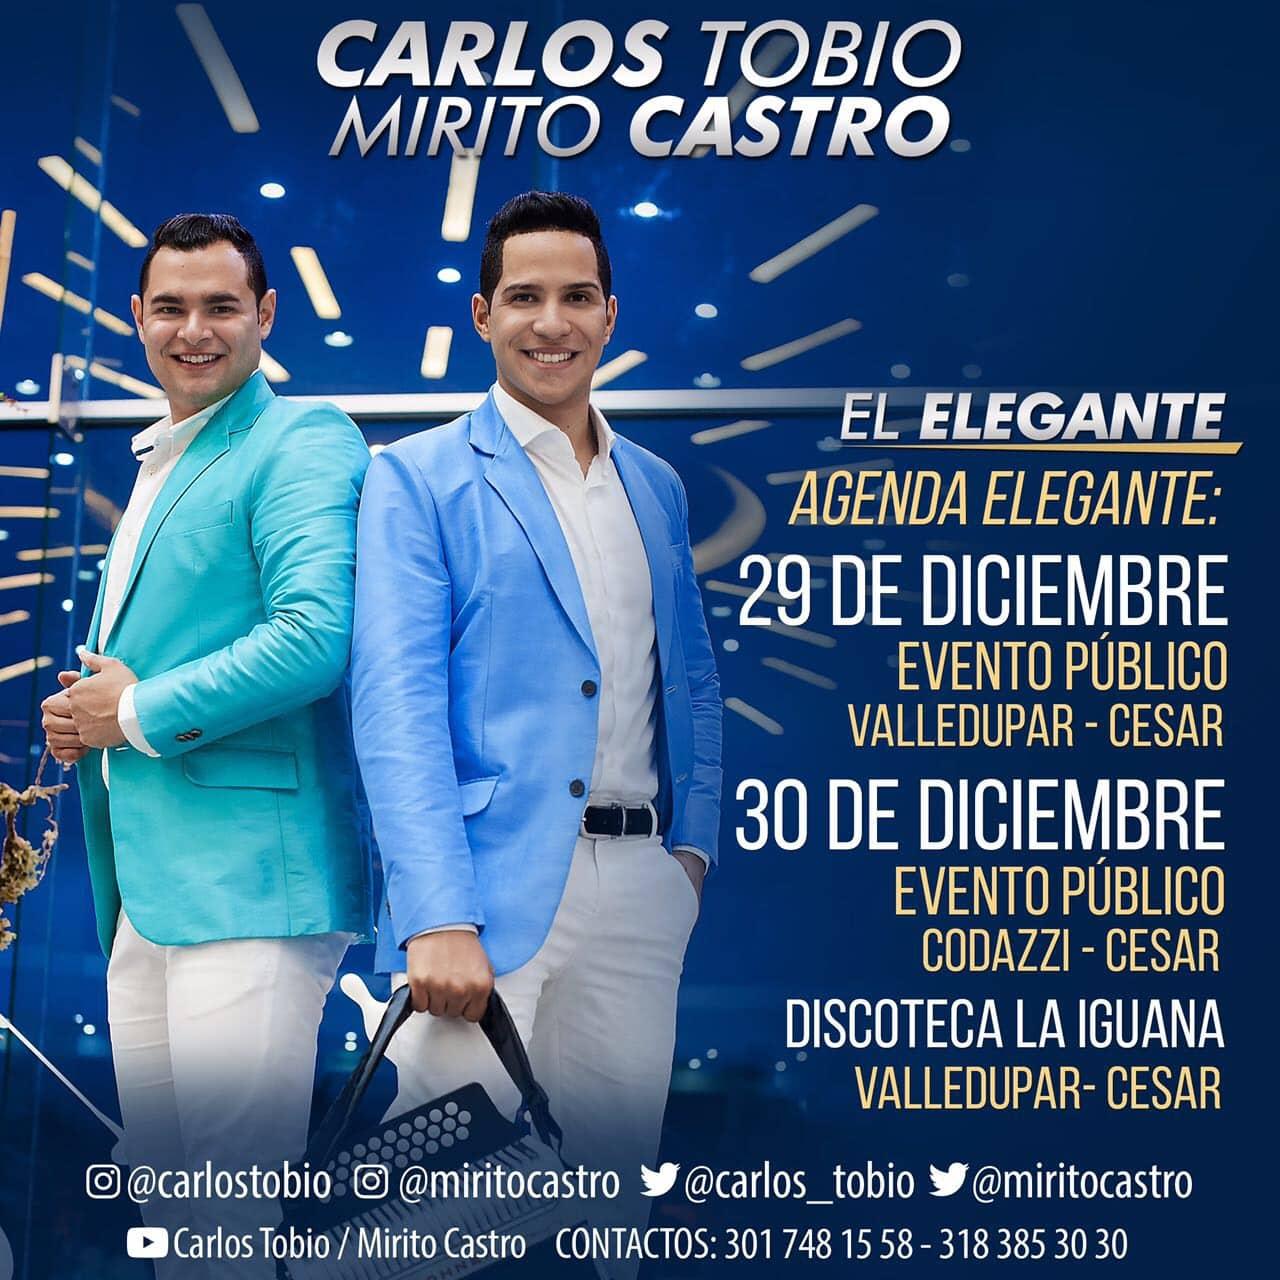 Carlos Tobio y Mirito Castro un fin de año elegante